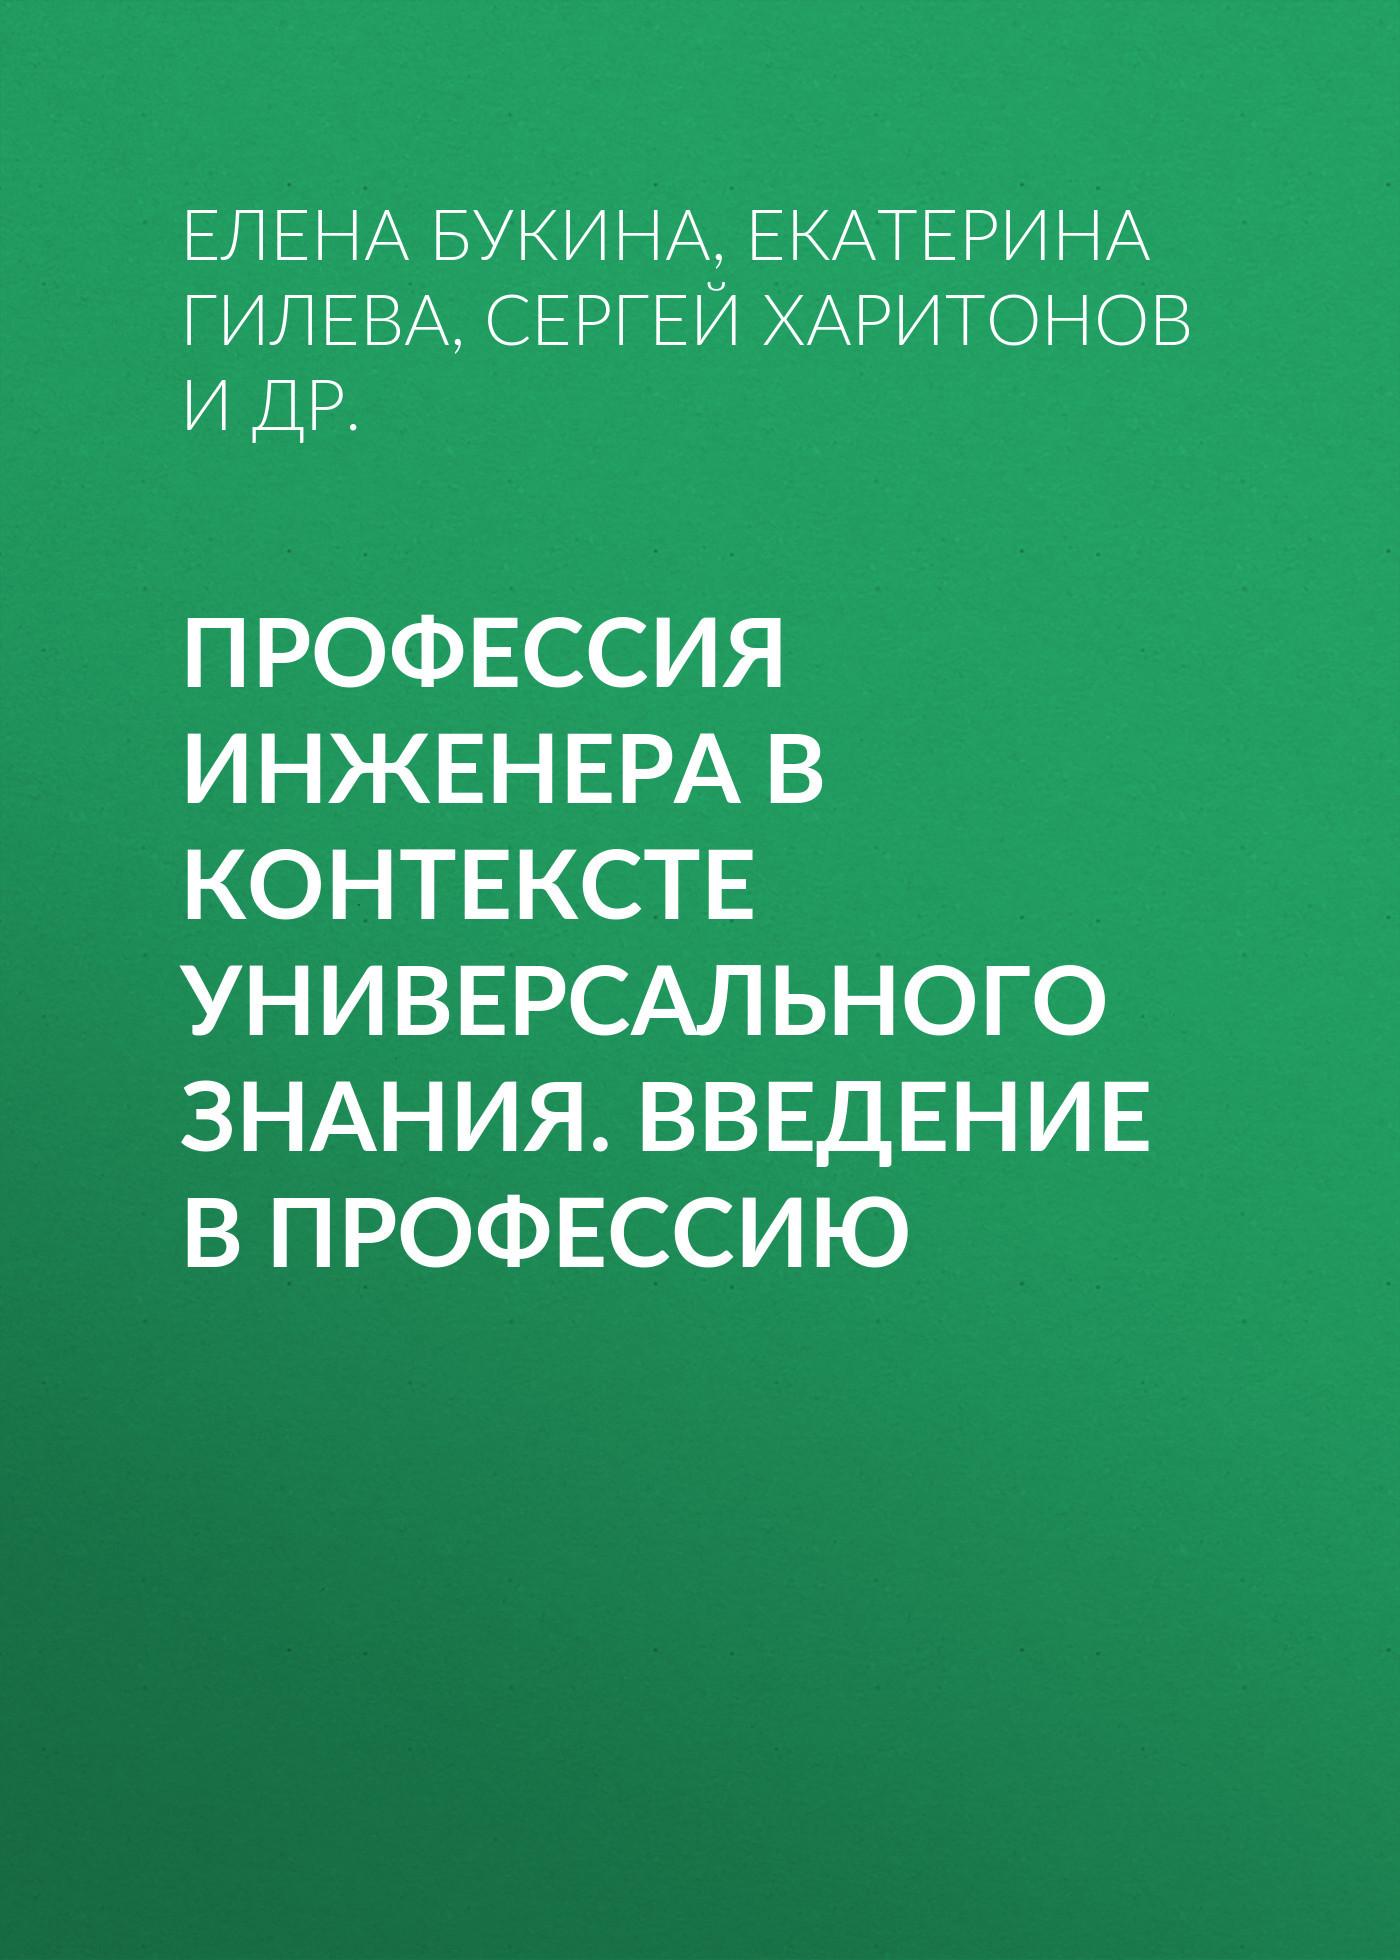 Сергей Харитонов Профессия инженера в контексте универсального знания. Введение в профессию введение в концептологию учебное пособие